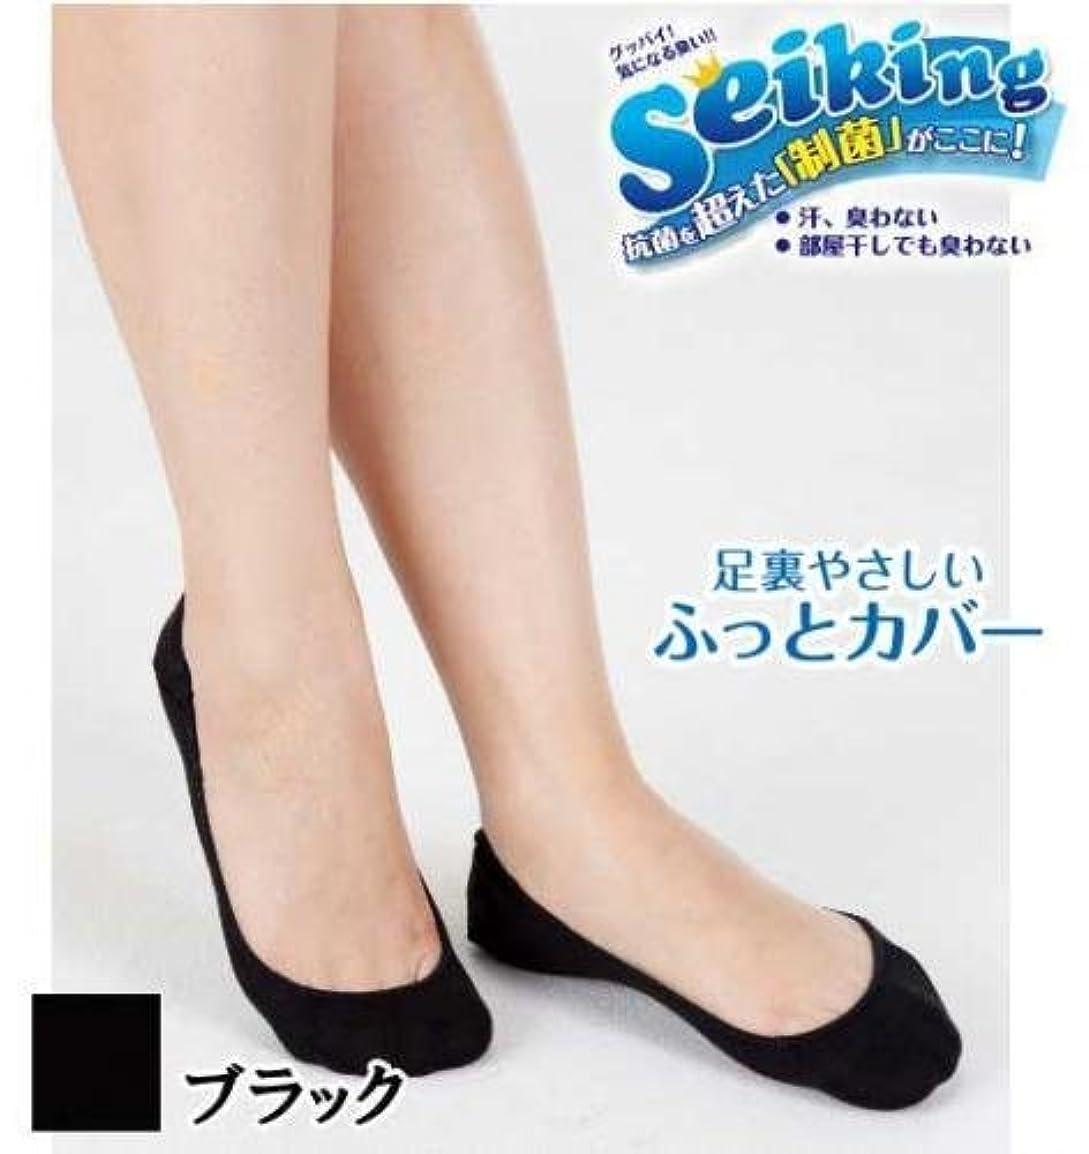 香港苛性退屈砂山靴下 SEIKING フットカバー 黒